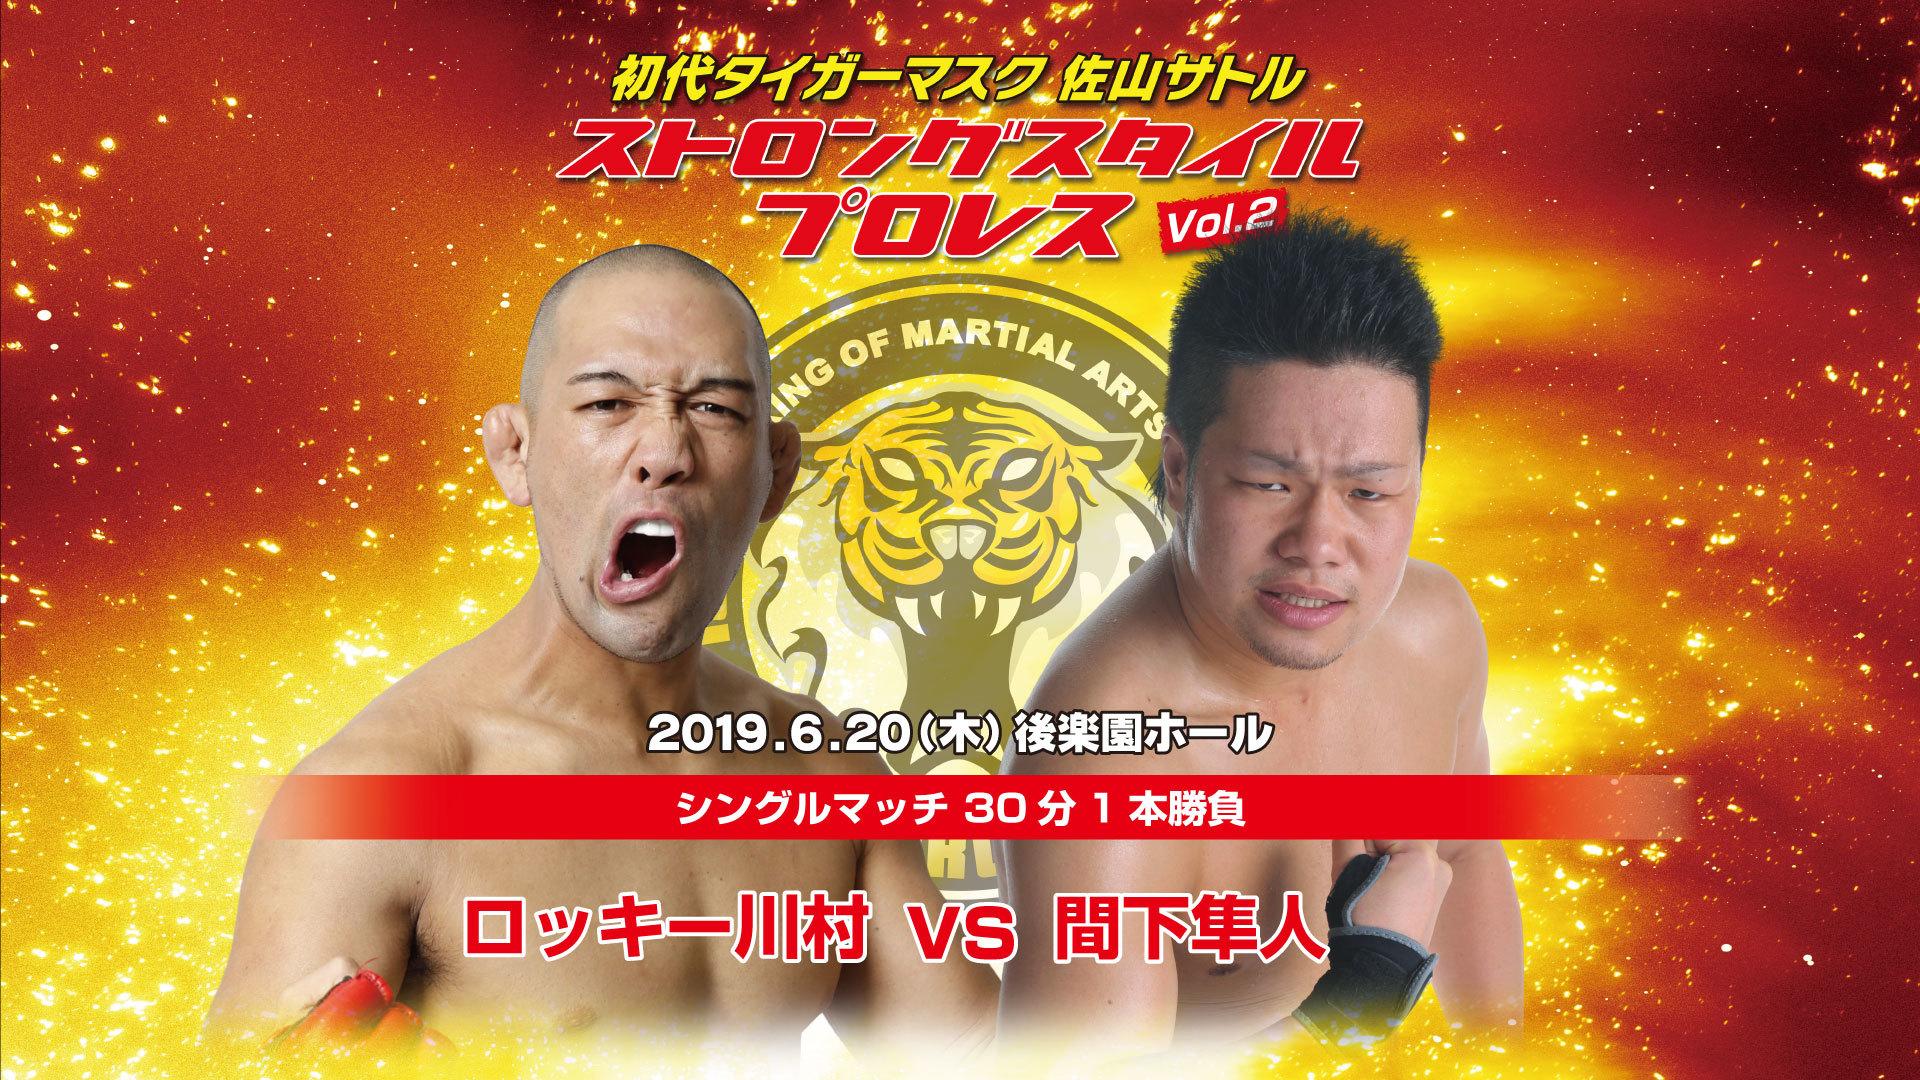 【第3試合 シングルマッチ 30分1本勝負】ロッキー川村 vs間下隼人